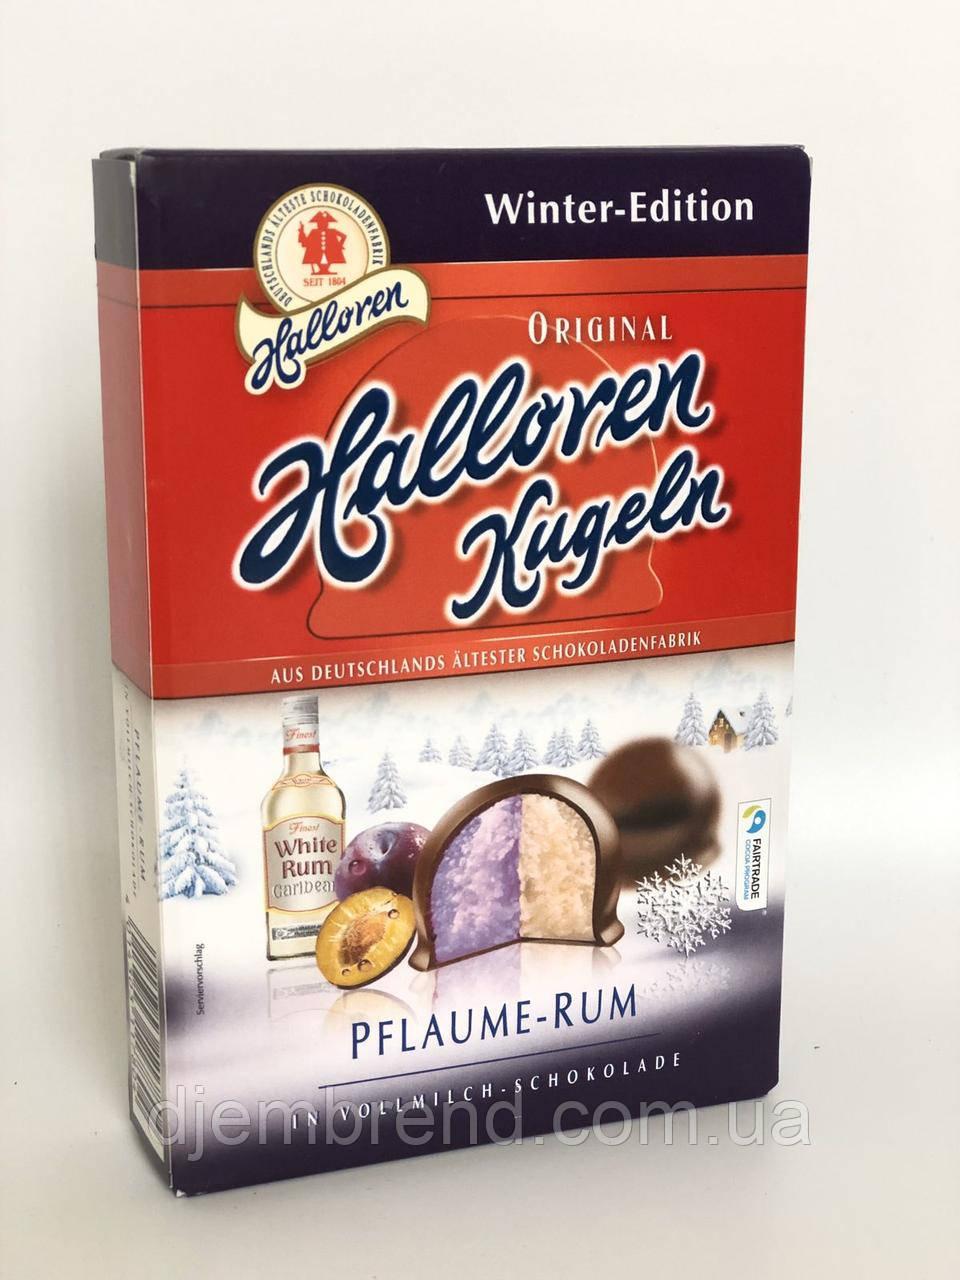 Конфеты с Вудрафф ванильным Halloren Kugeln Pflaume-Rum 125г Германия